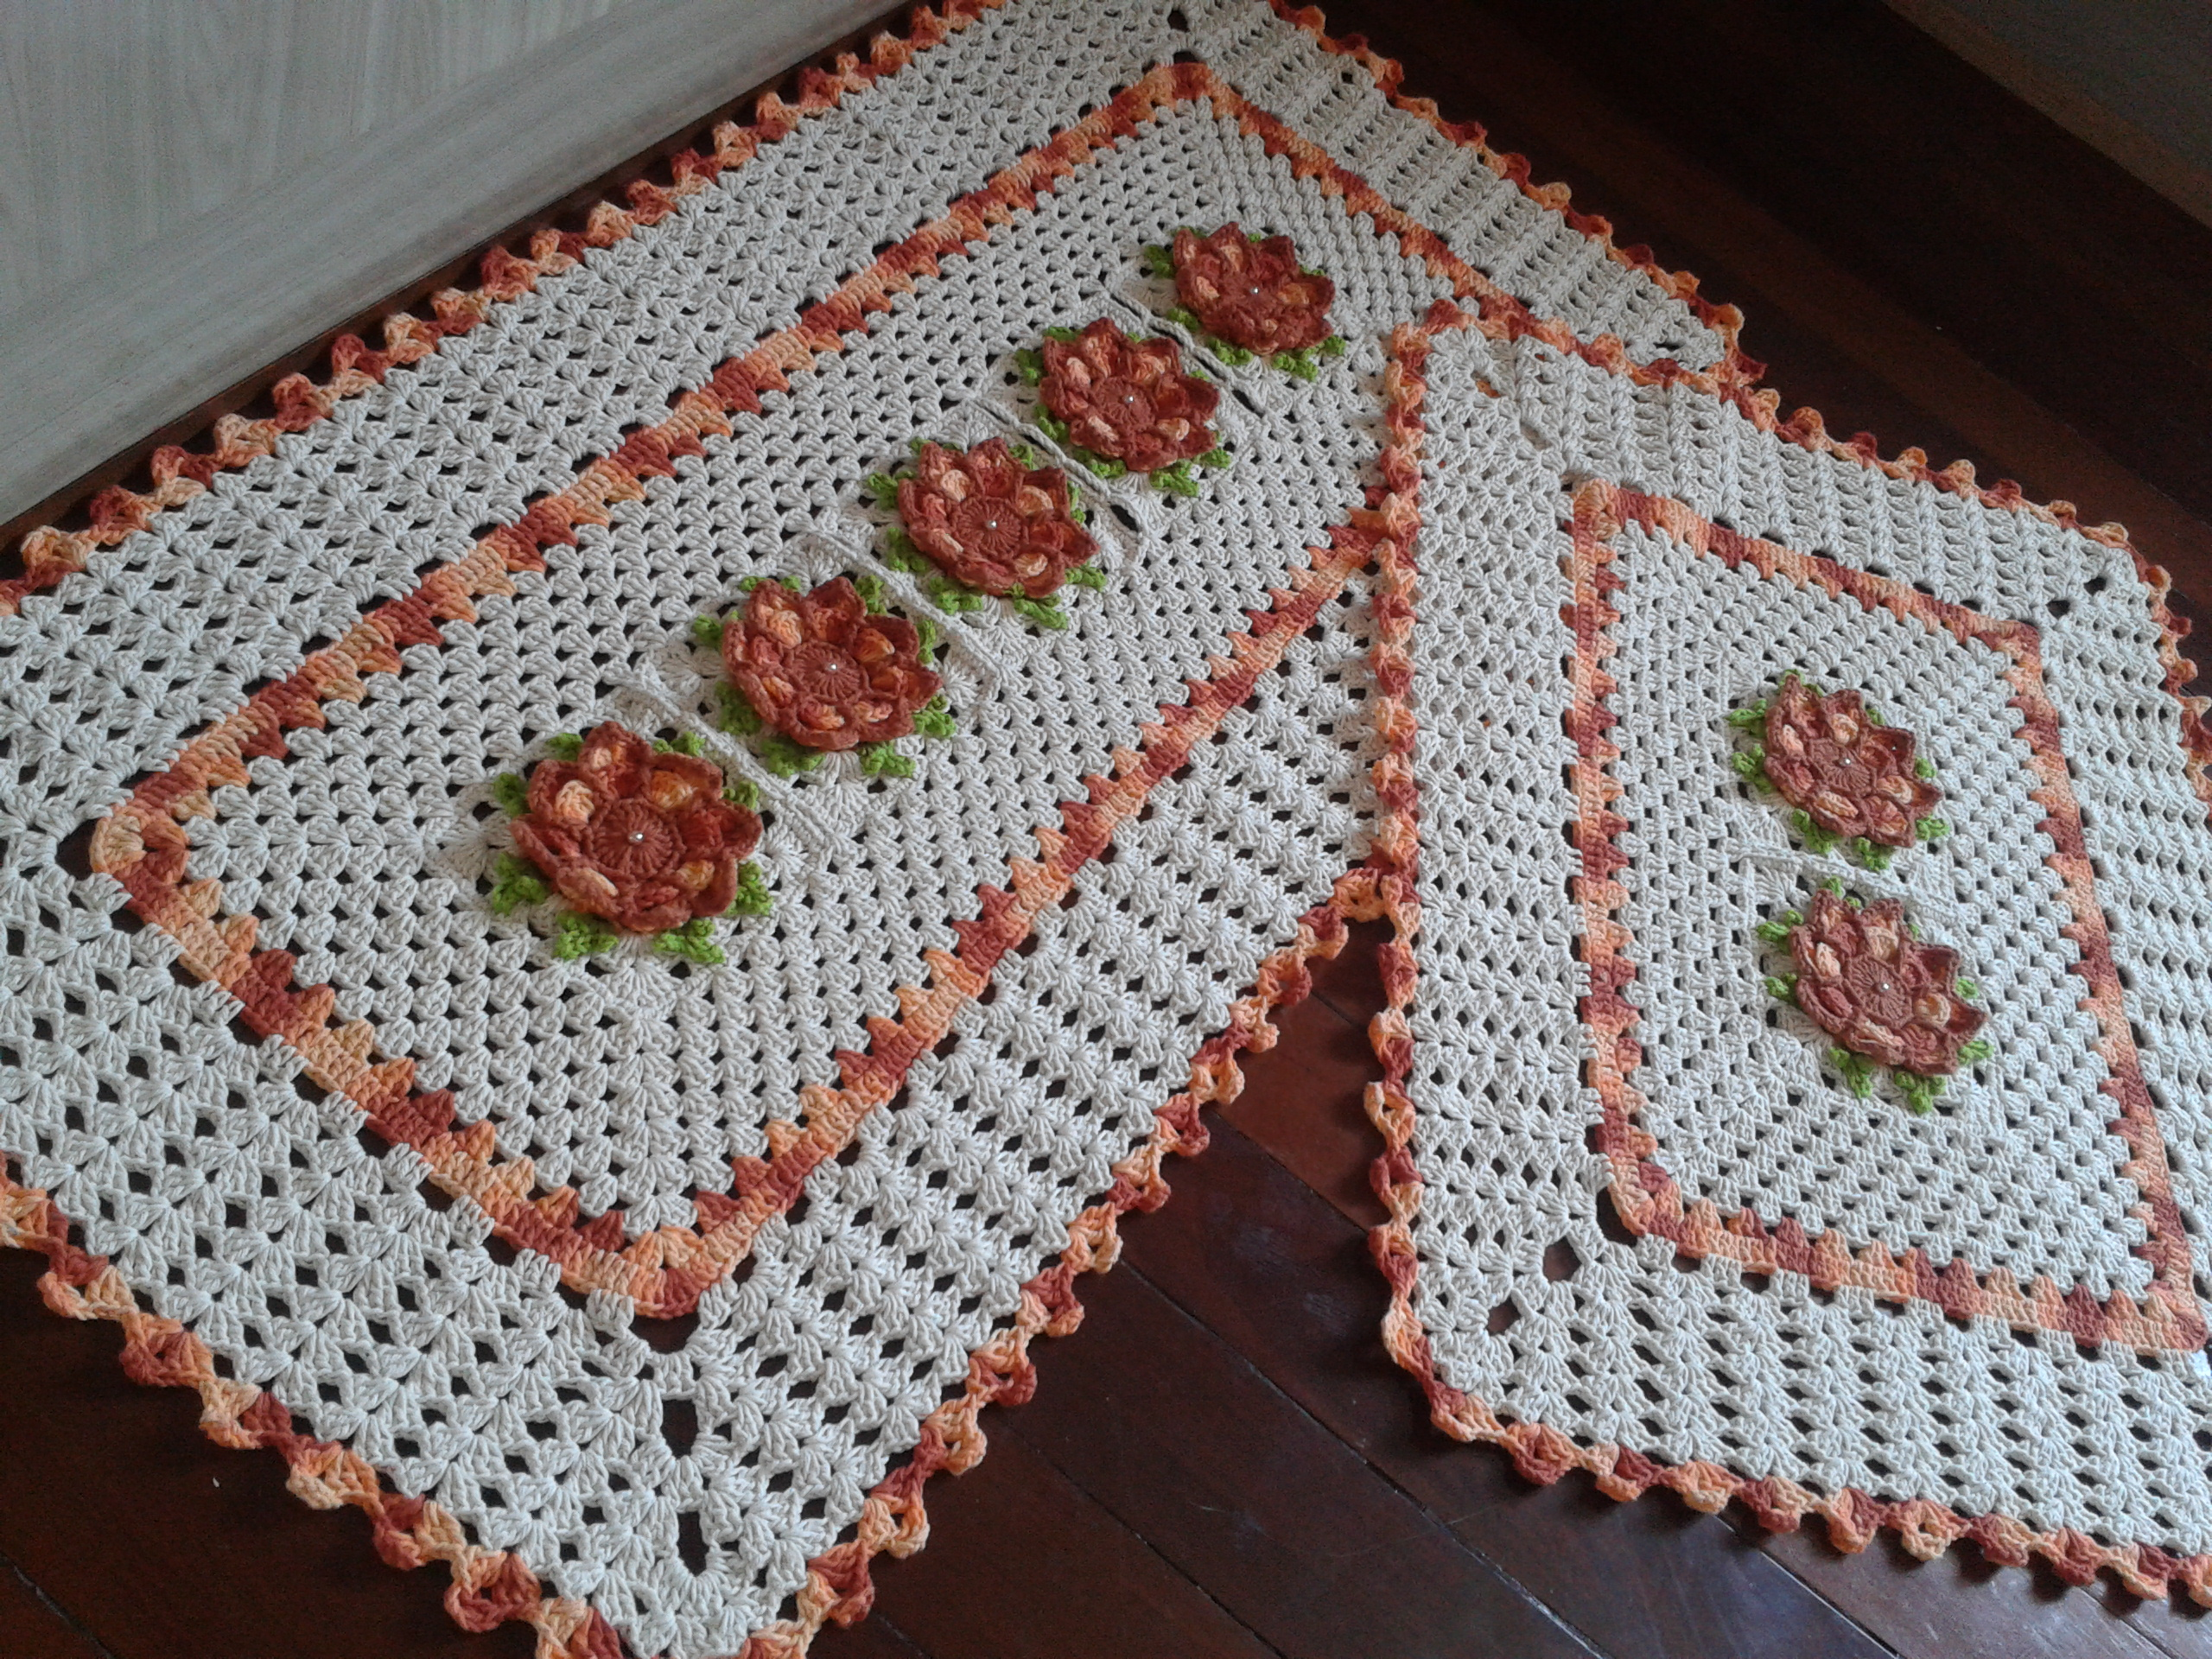 Tapetes de crochê para cozinha formato retangular